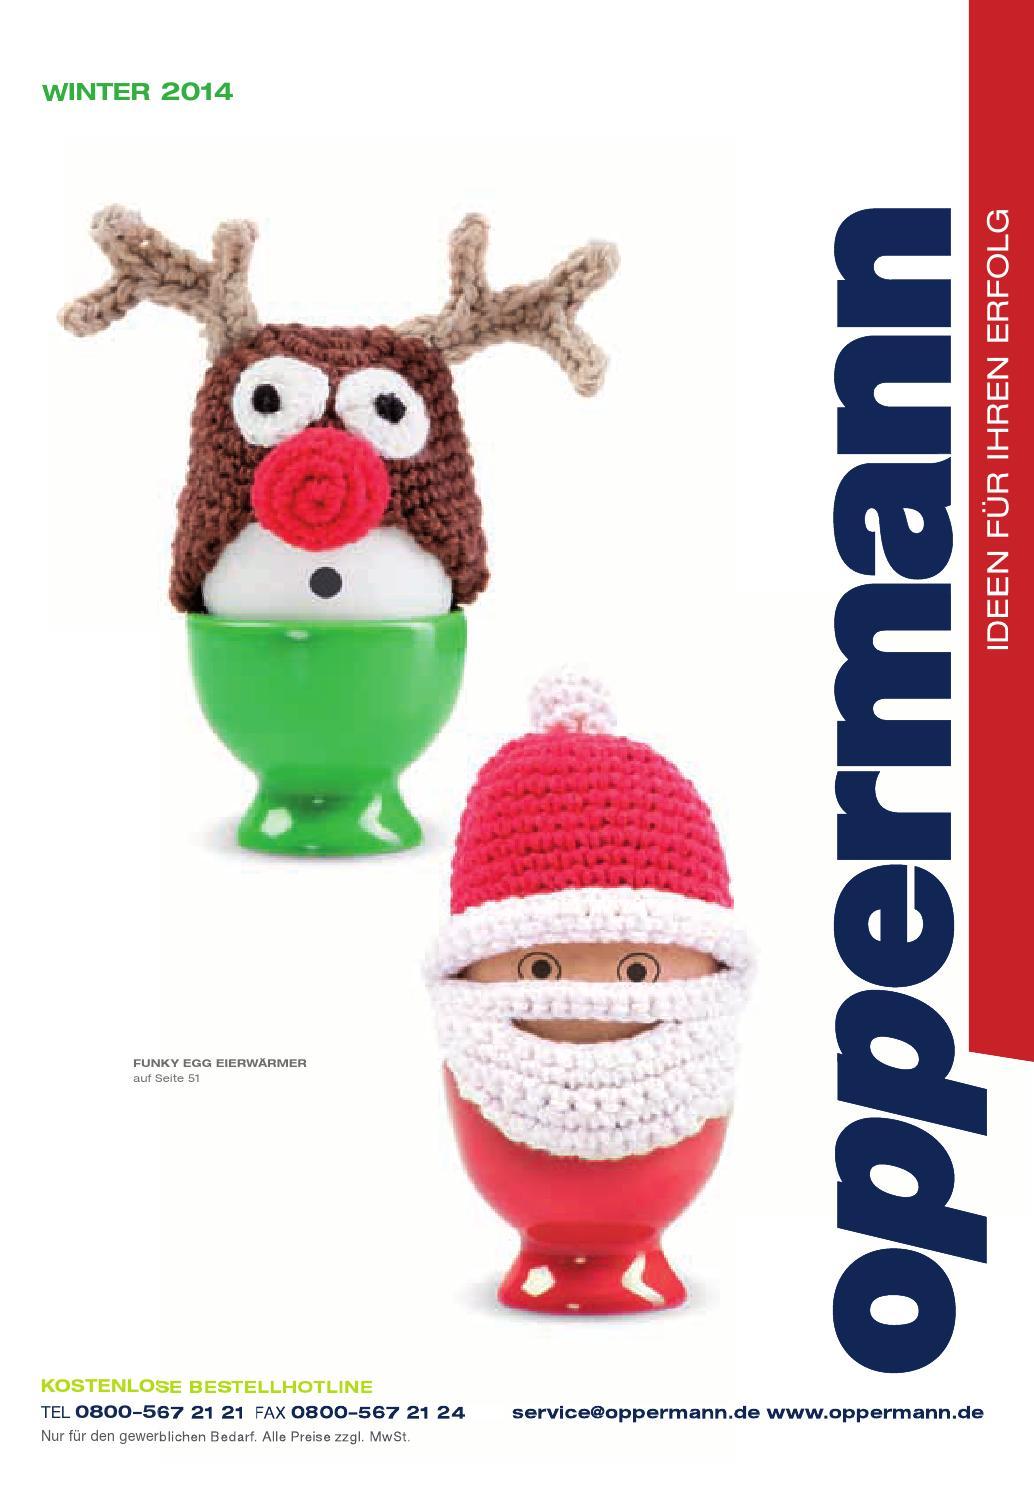 Modische Aschenbecher Retro Personalisierte gro/ße Dekorative Aschenbecher mit Abdeckung Einzigartiger Handgemachter,Runder Aschenbecher Weihnachts Vintage Aschenbecher